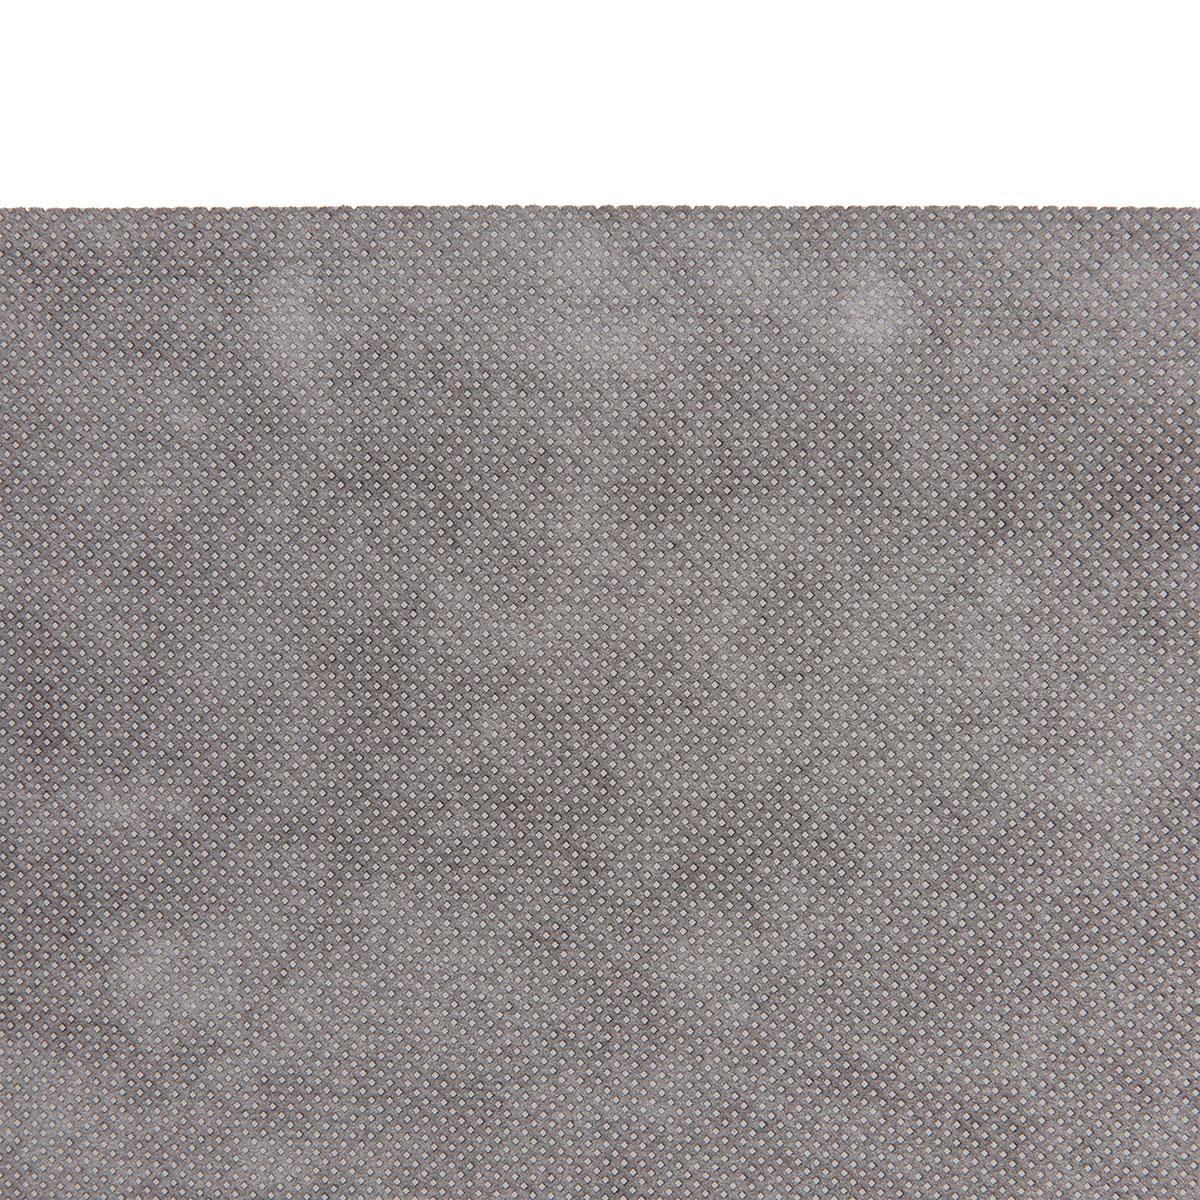 dekovlies in 1 6m breite grau meterware dekostoff vlies. Black Bedroom Furniture Sets. Home Design Ideas